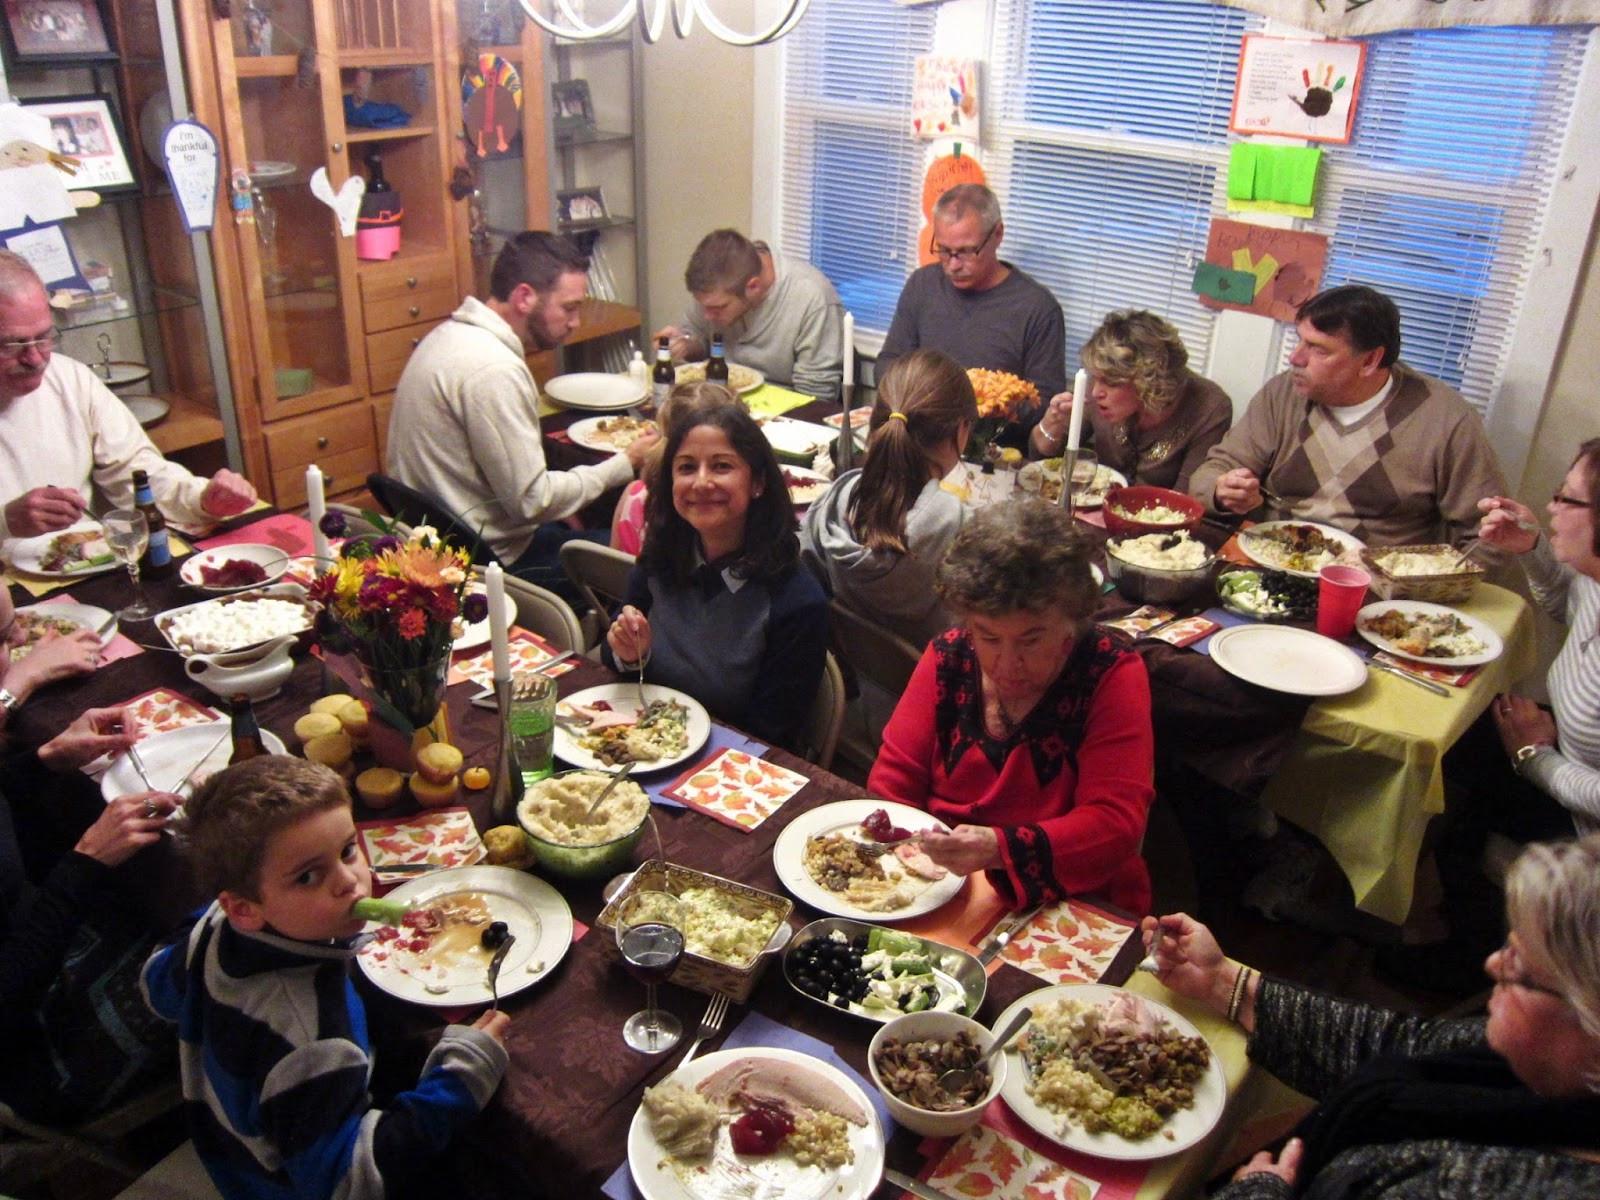 Thanksgiving Family Dinner  Where Is Darren Now Thanksgiving 2013